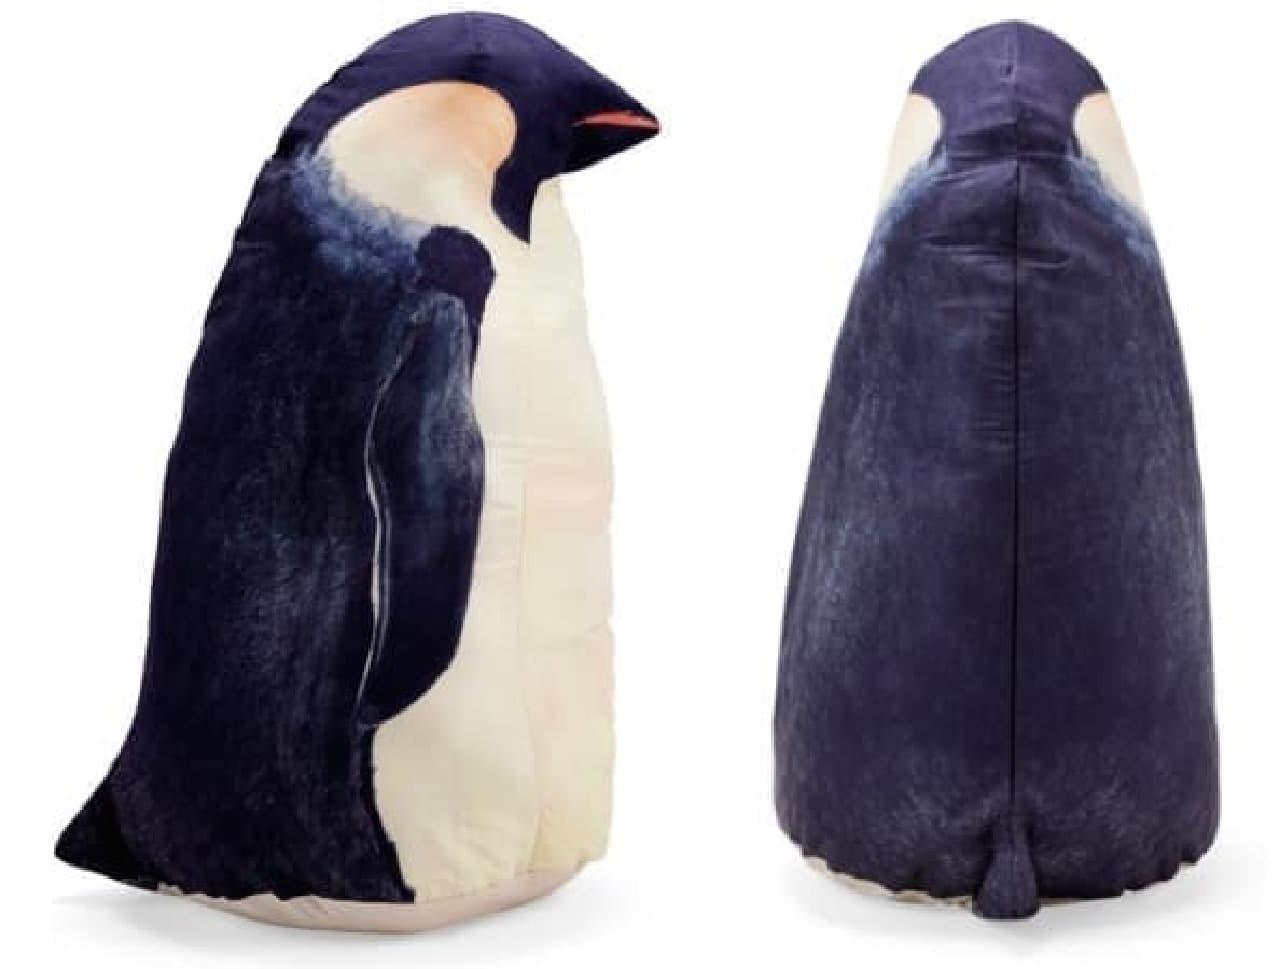 布団収納ケース「自立するペンギンクッションケース」